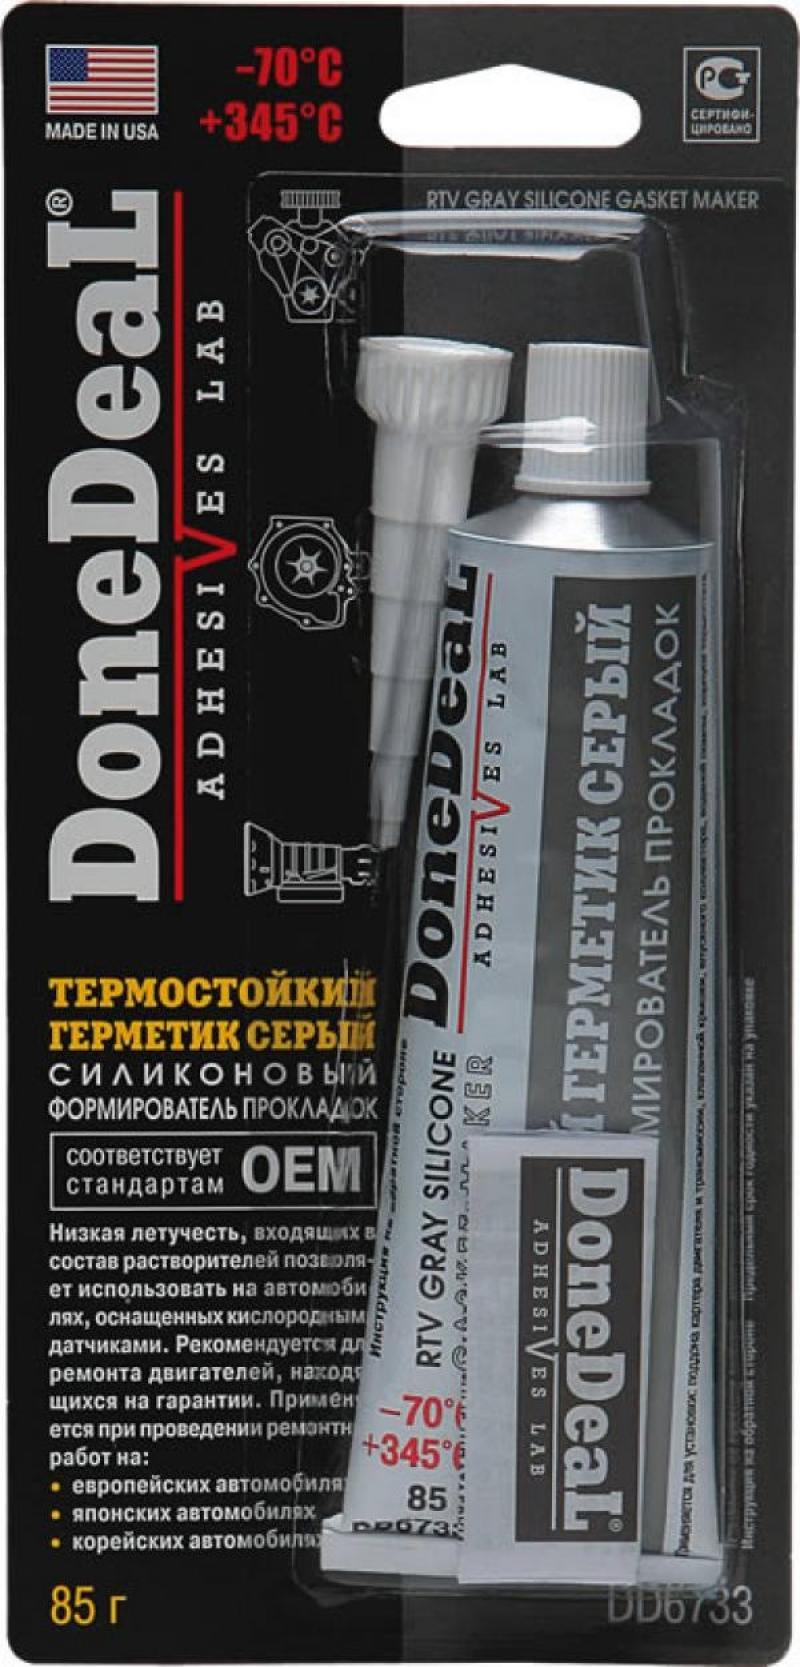 Герметик-формирователь прокладок Done Deal DD 6733